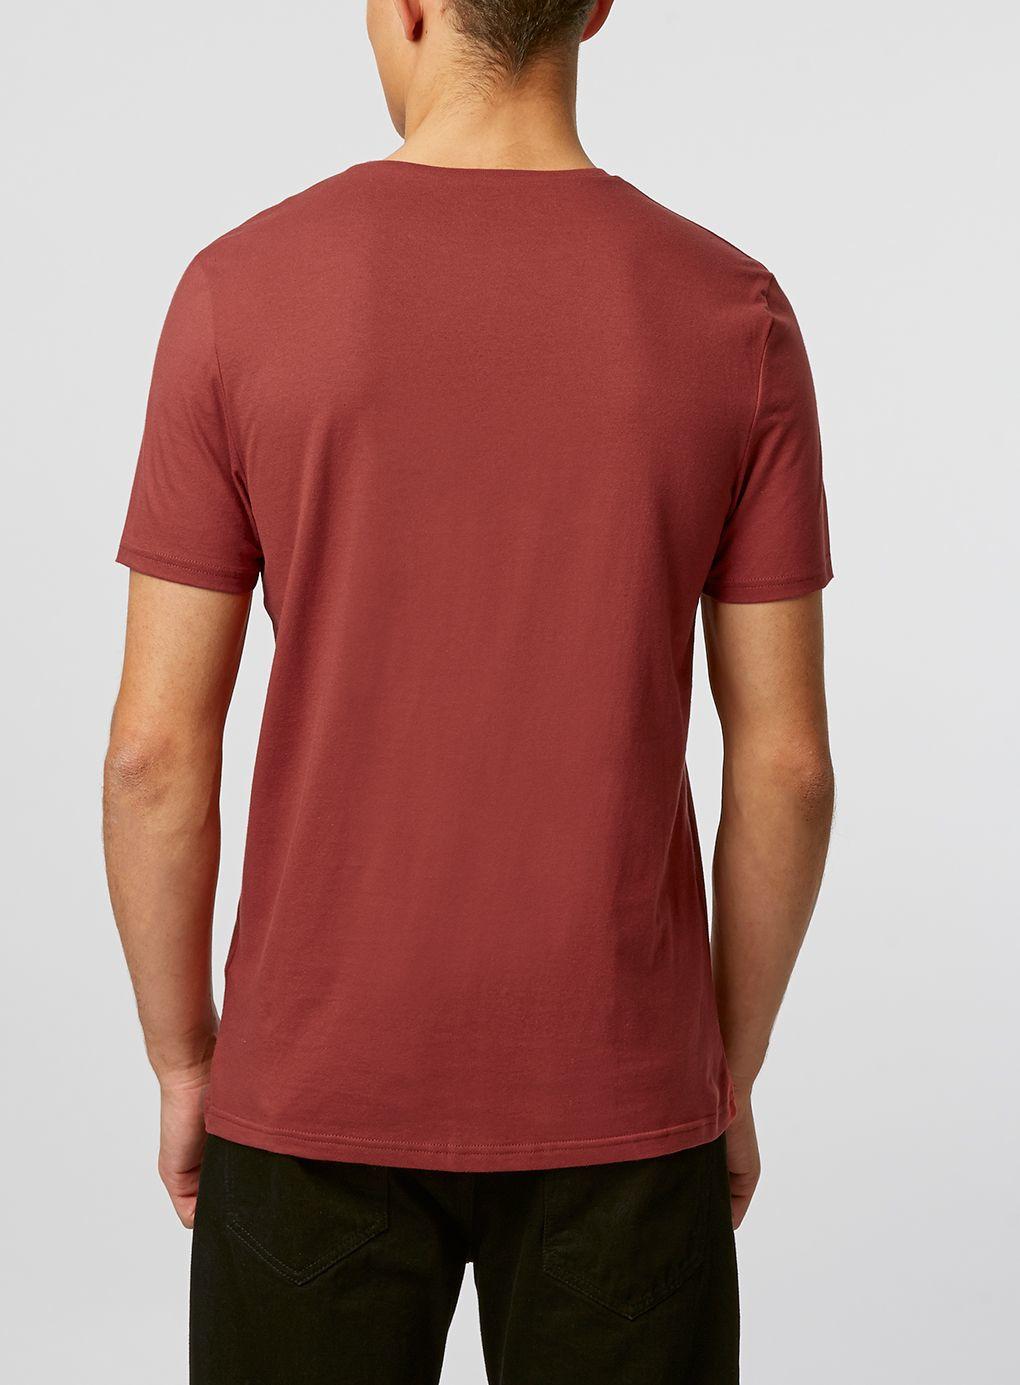 topman slim fit t shirt in red for men lyst. Black Bedroom Furniture Sets. Home Design Ideas